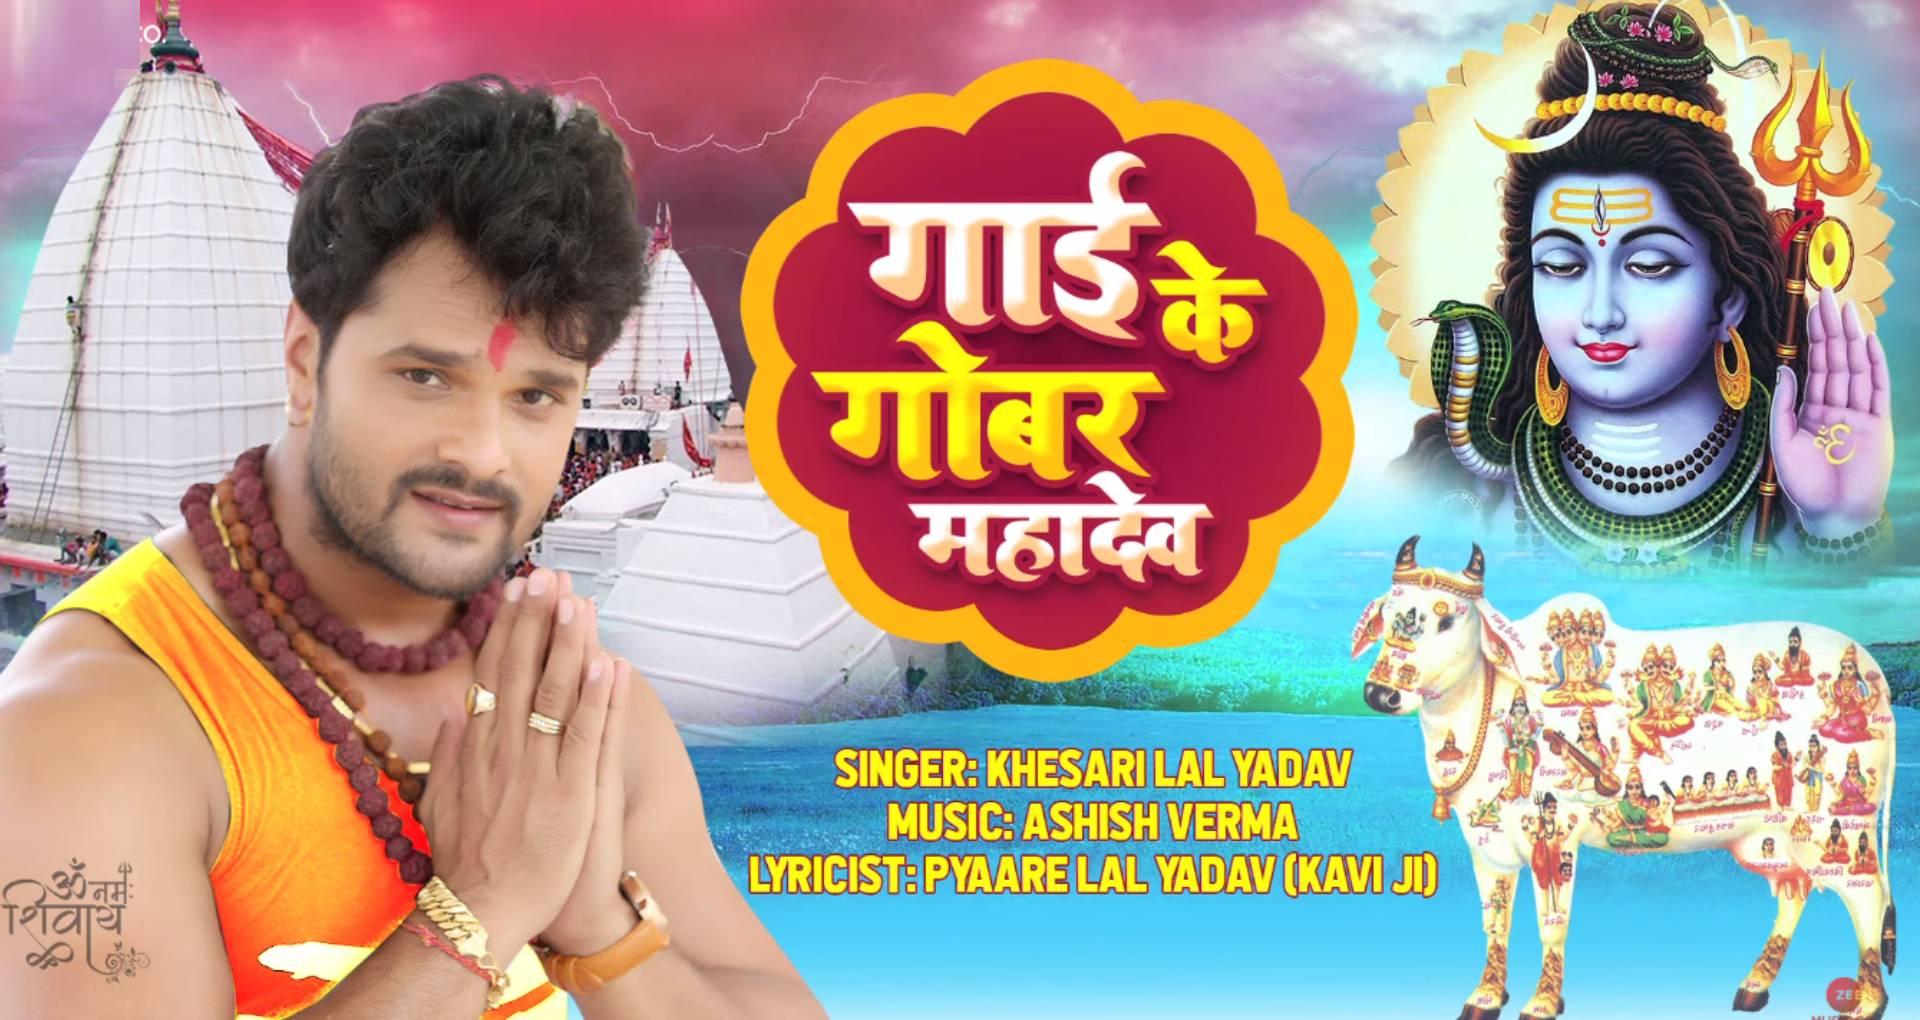 Gai K Gobar Mahadev Song: खेसारी लाल यादव का बोल बम सॉन्ग बना यूट्यूब ट्रेंड, देखिए धूम मचाने वाला कांवड़ गीत